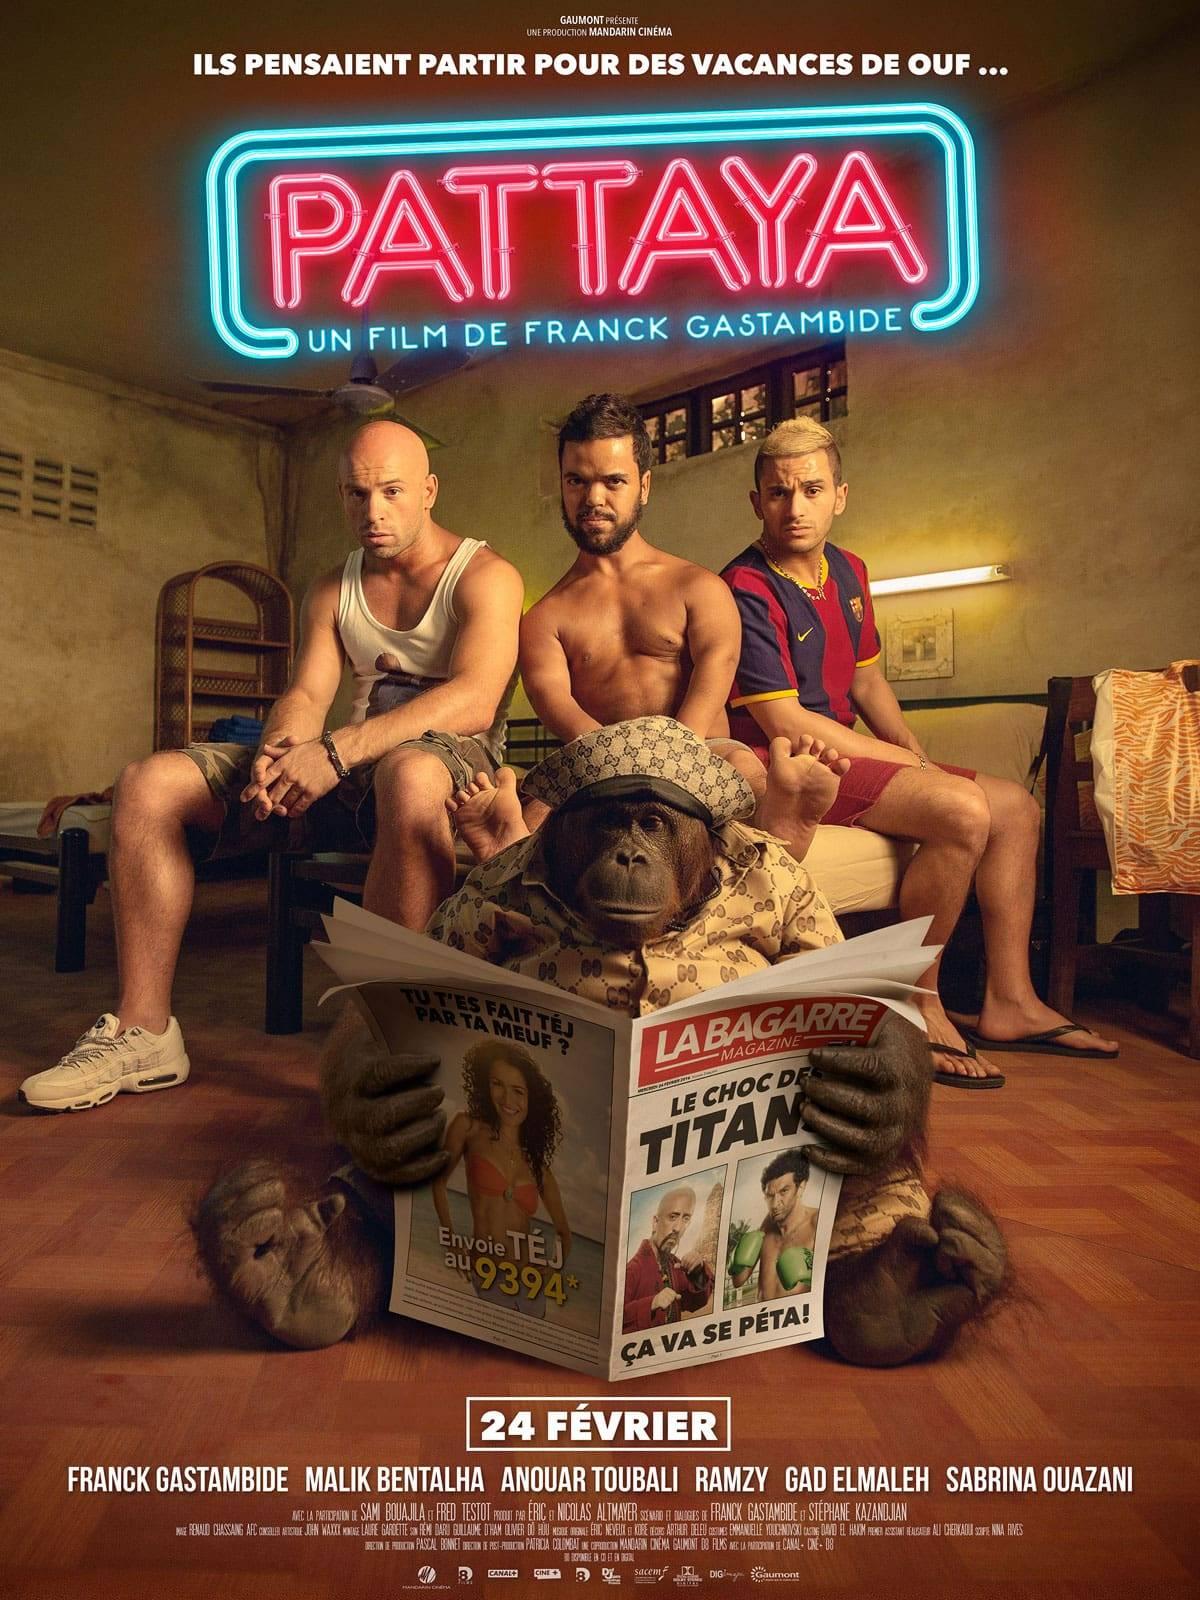 Pattaya film Franck Gastambide